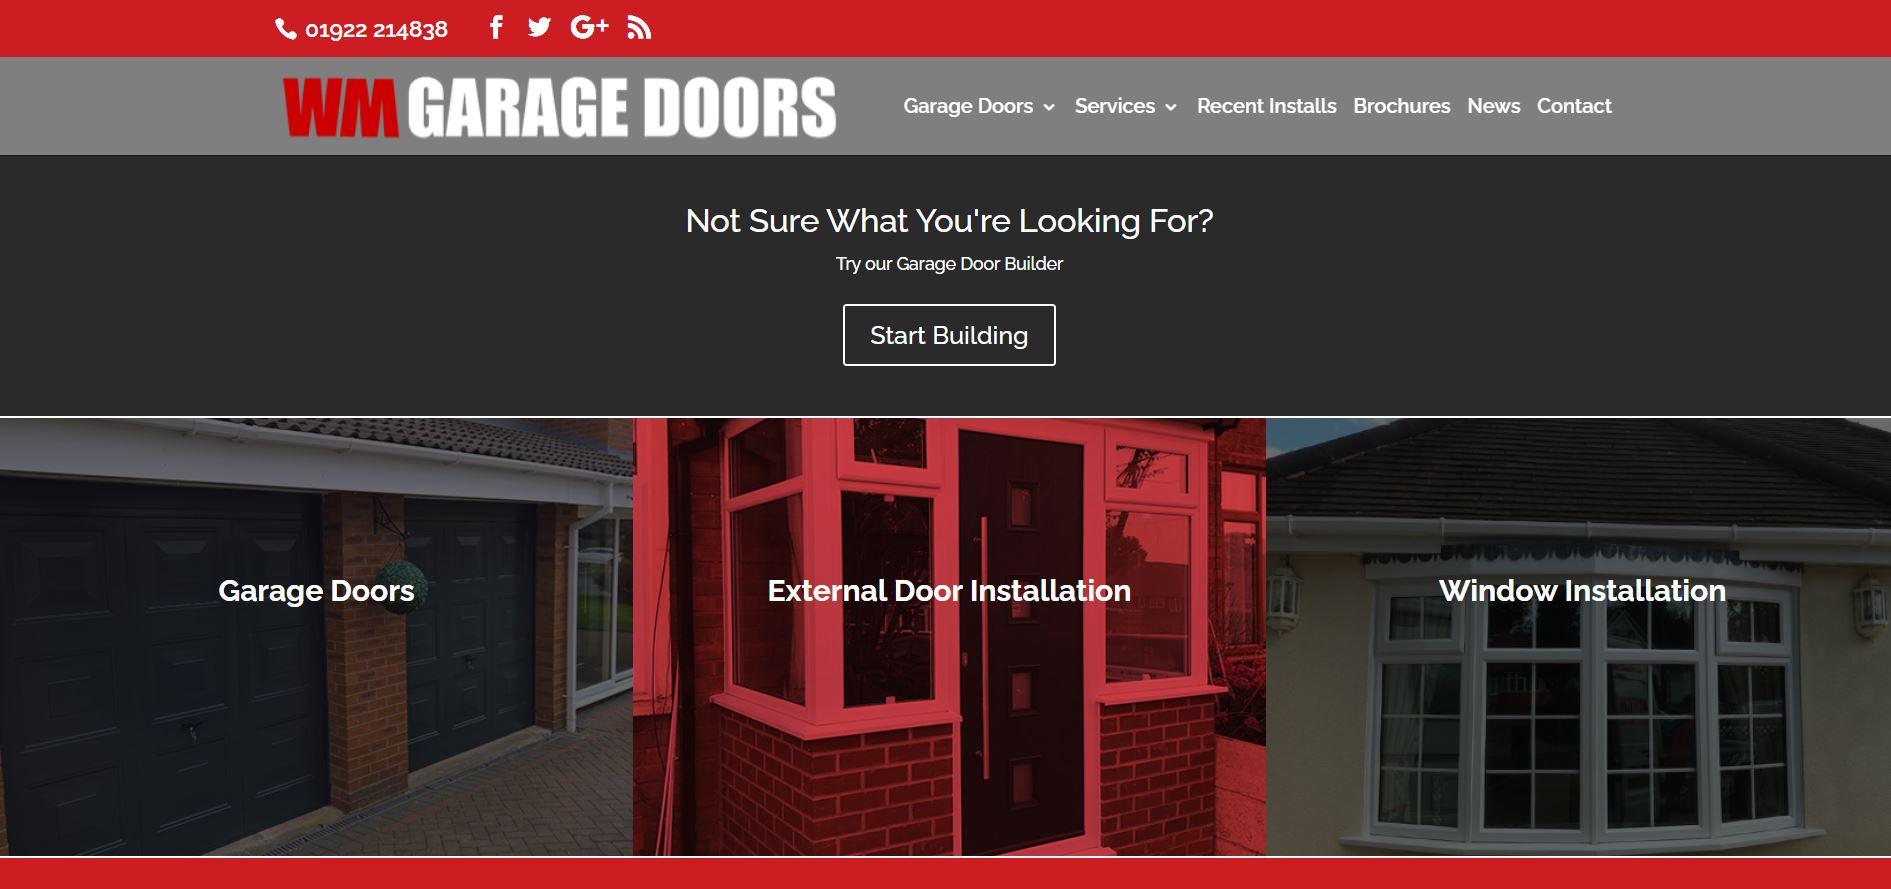 WM Garage Doors